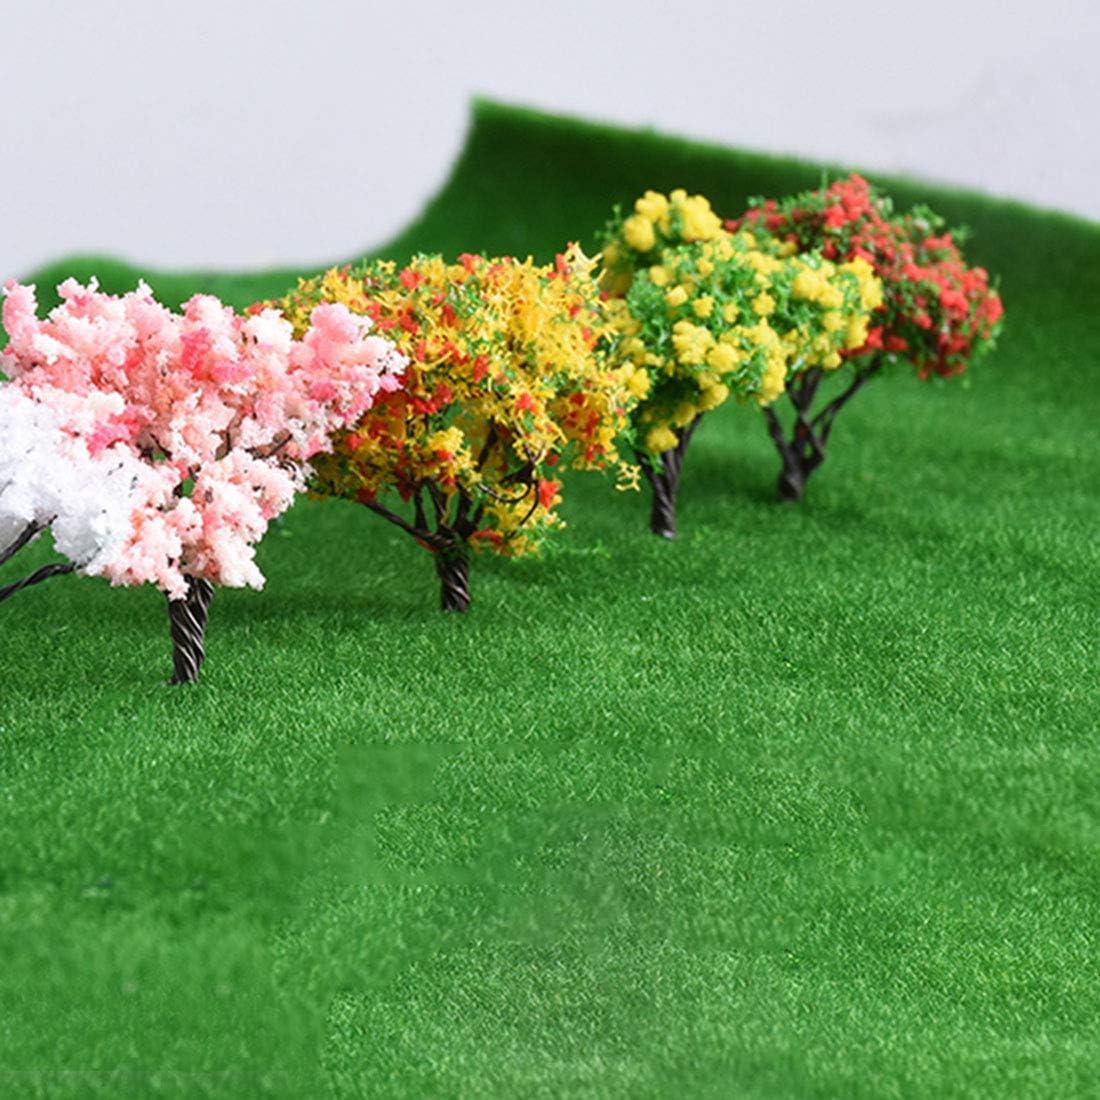 Spieland Grasmatte Modellbau Gras Matte Deko Kunstrasen Gel/ändeteppich Wiese Rasenteppich Miniatur Garten Deko Modelleisenbahn Zubeh/ör 100 x 250cm